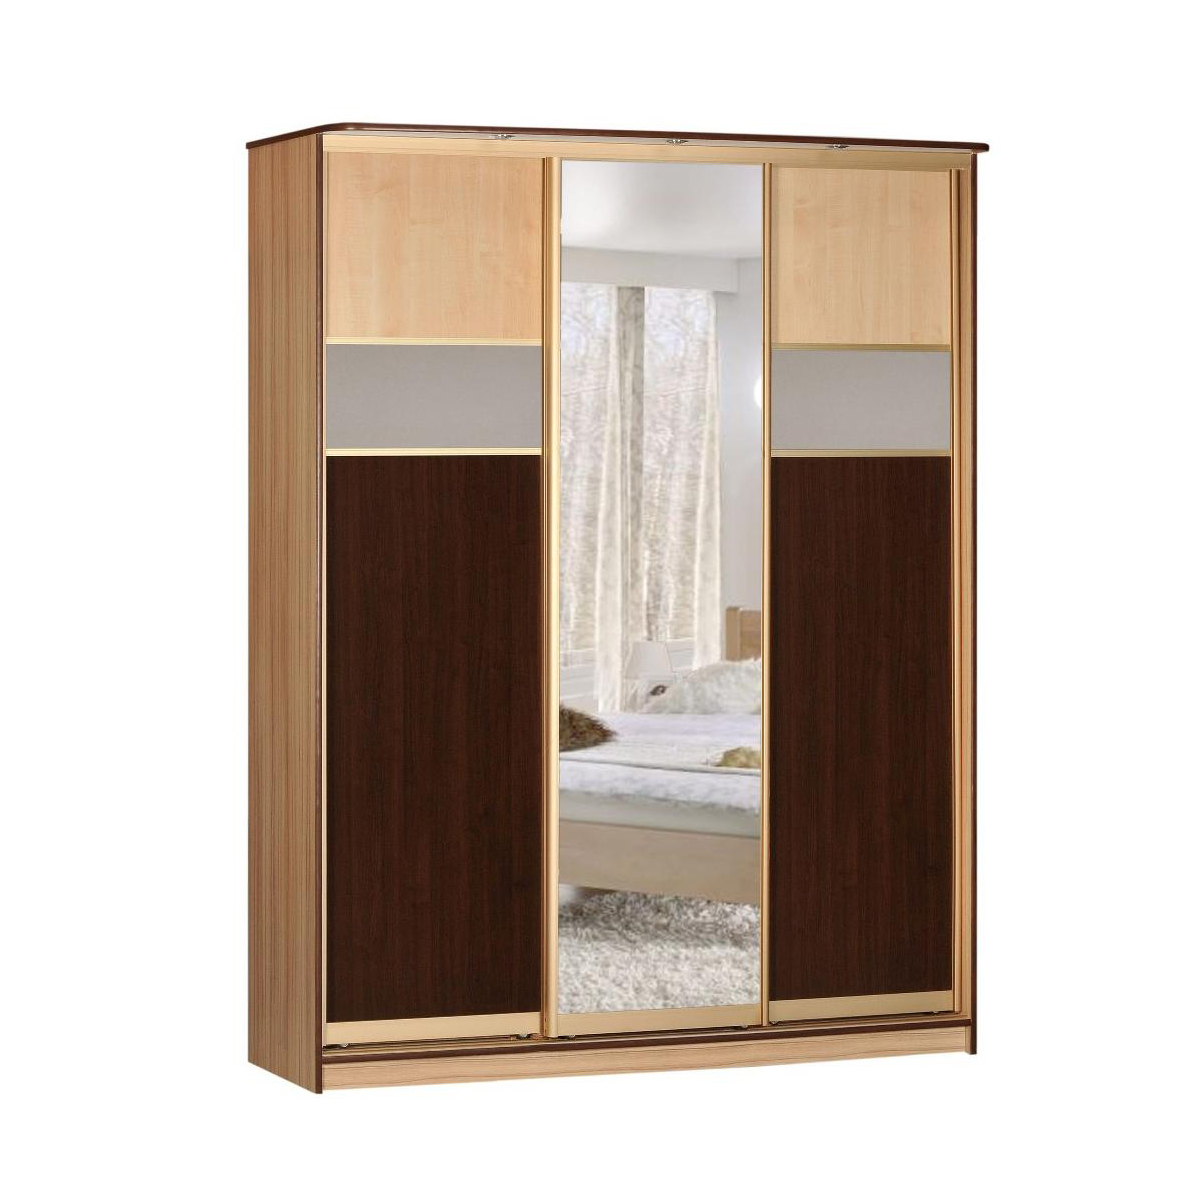 Концепт 25 шкафы купе геометрия мебели.